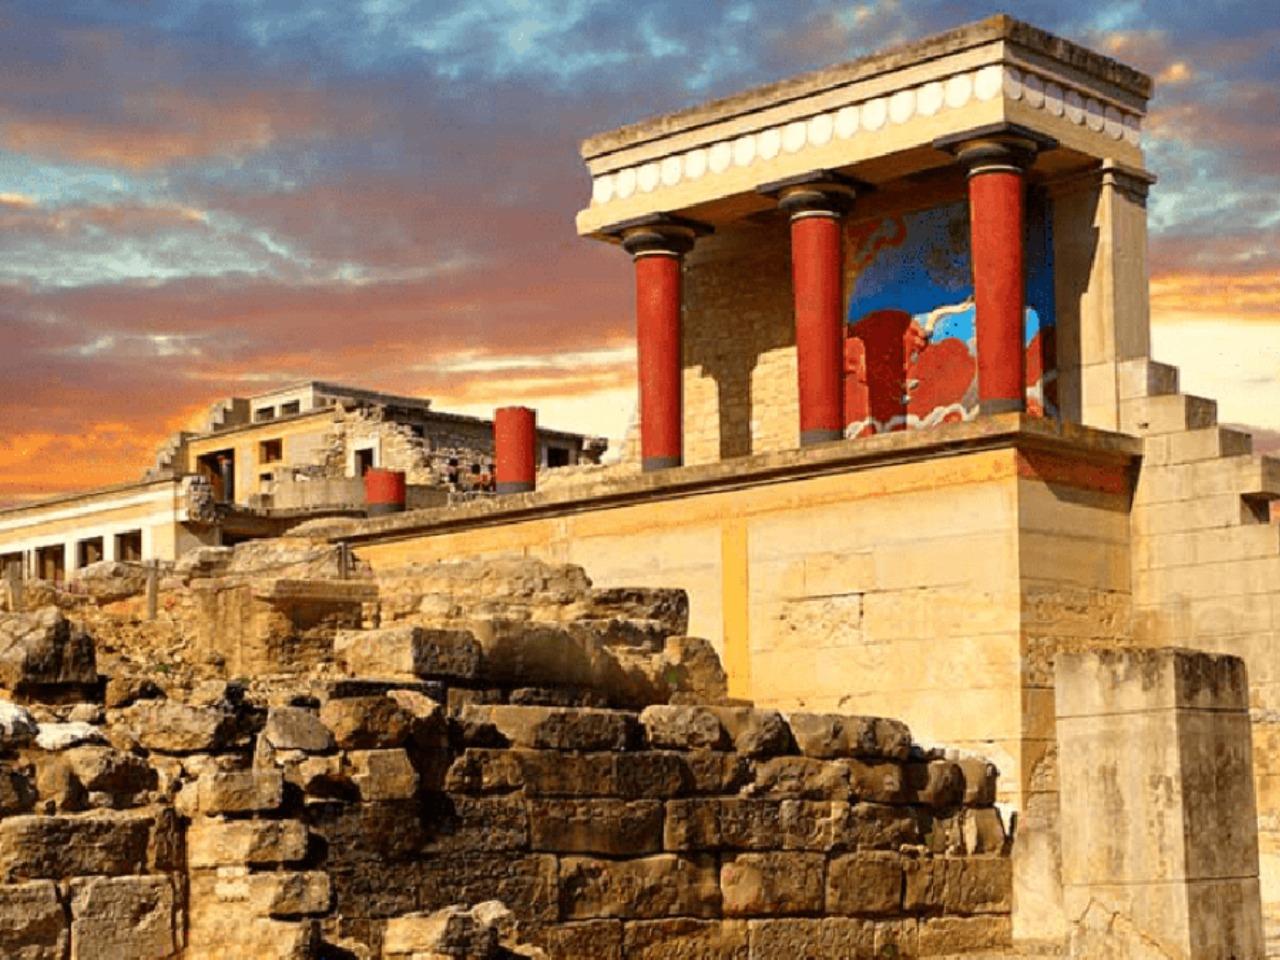 Минойский Крит: мифы, лабиринт, Тесей и Дедал - индивидуальная экскурсия в Ираклионе от опытного гида